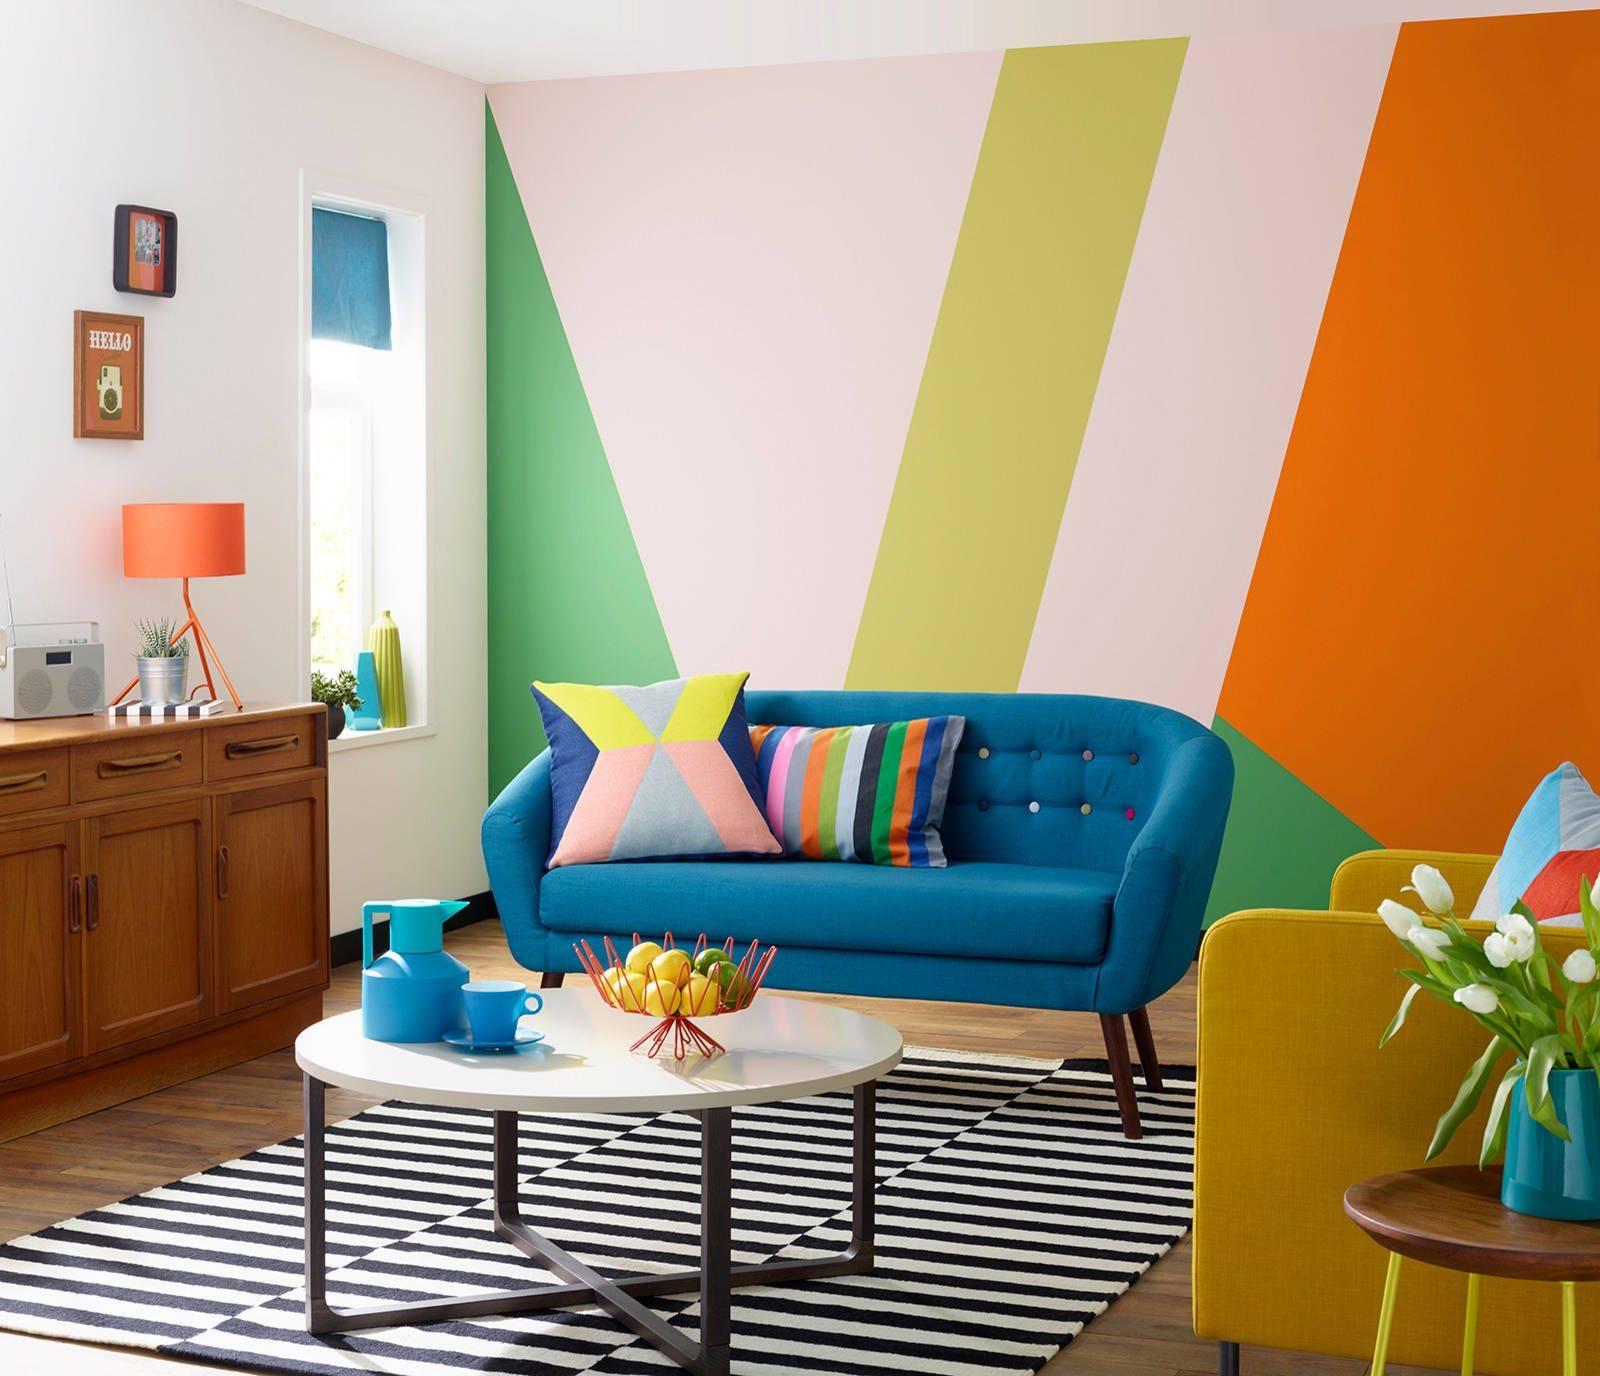 Phòng khách sôi động này có sự kết hợp của nhiều màu sắc tươi sáng trên một bức tường với điểm nhấn là các khối hình học ngẫu nhiên để thu hút sự chú ý vào không gian. Chiếc ghế dài màu xanh đậm và các chi tiết trang trí bổ sung như chậu hoa và chân bàn màu vàng giúp gắn kết không gian với nhau.